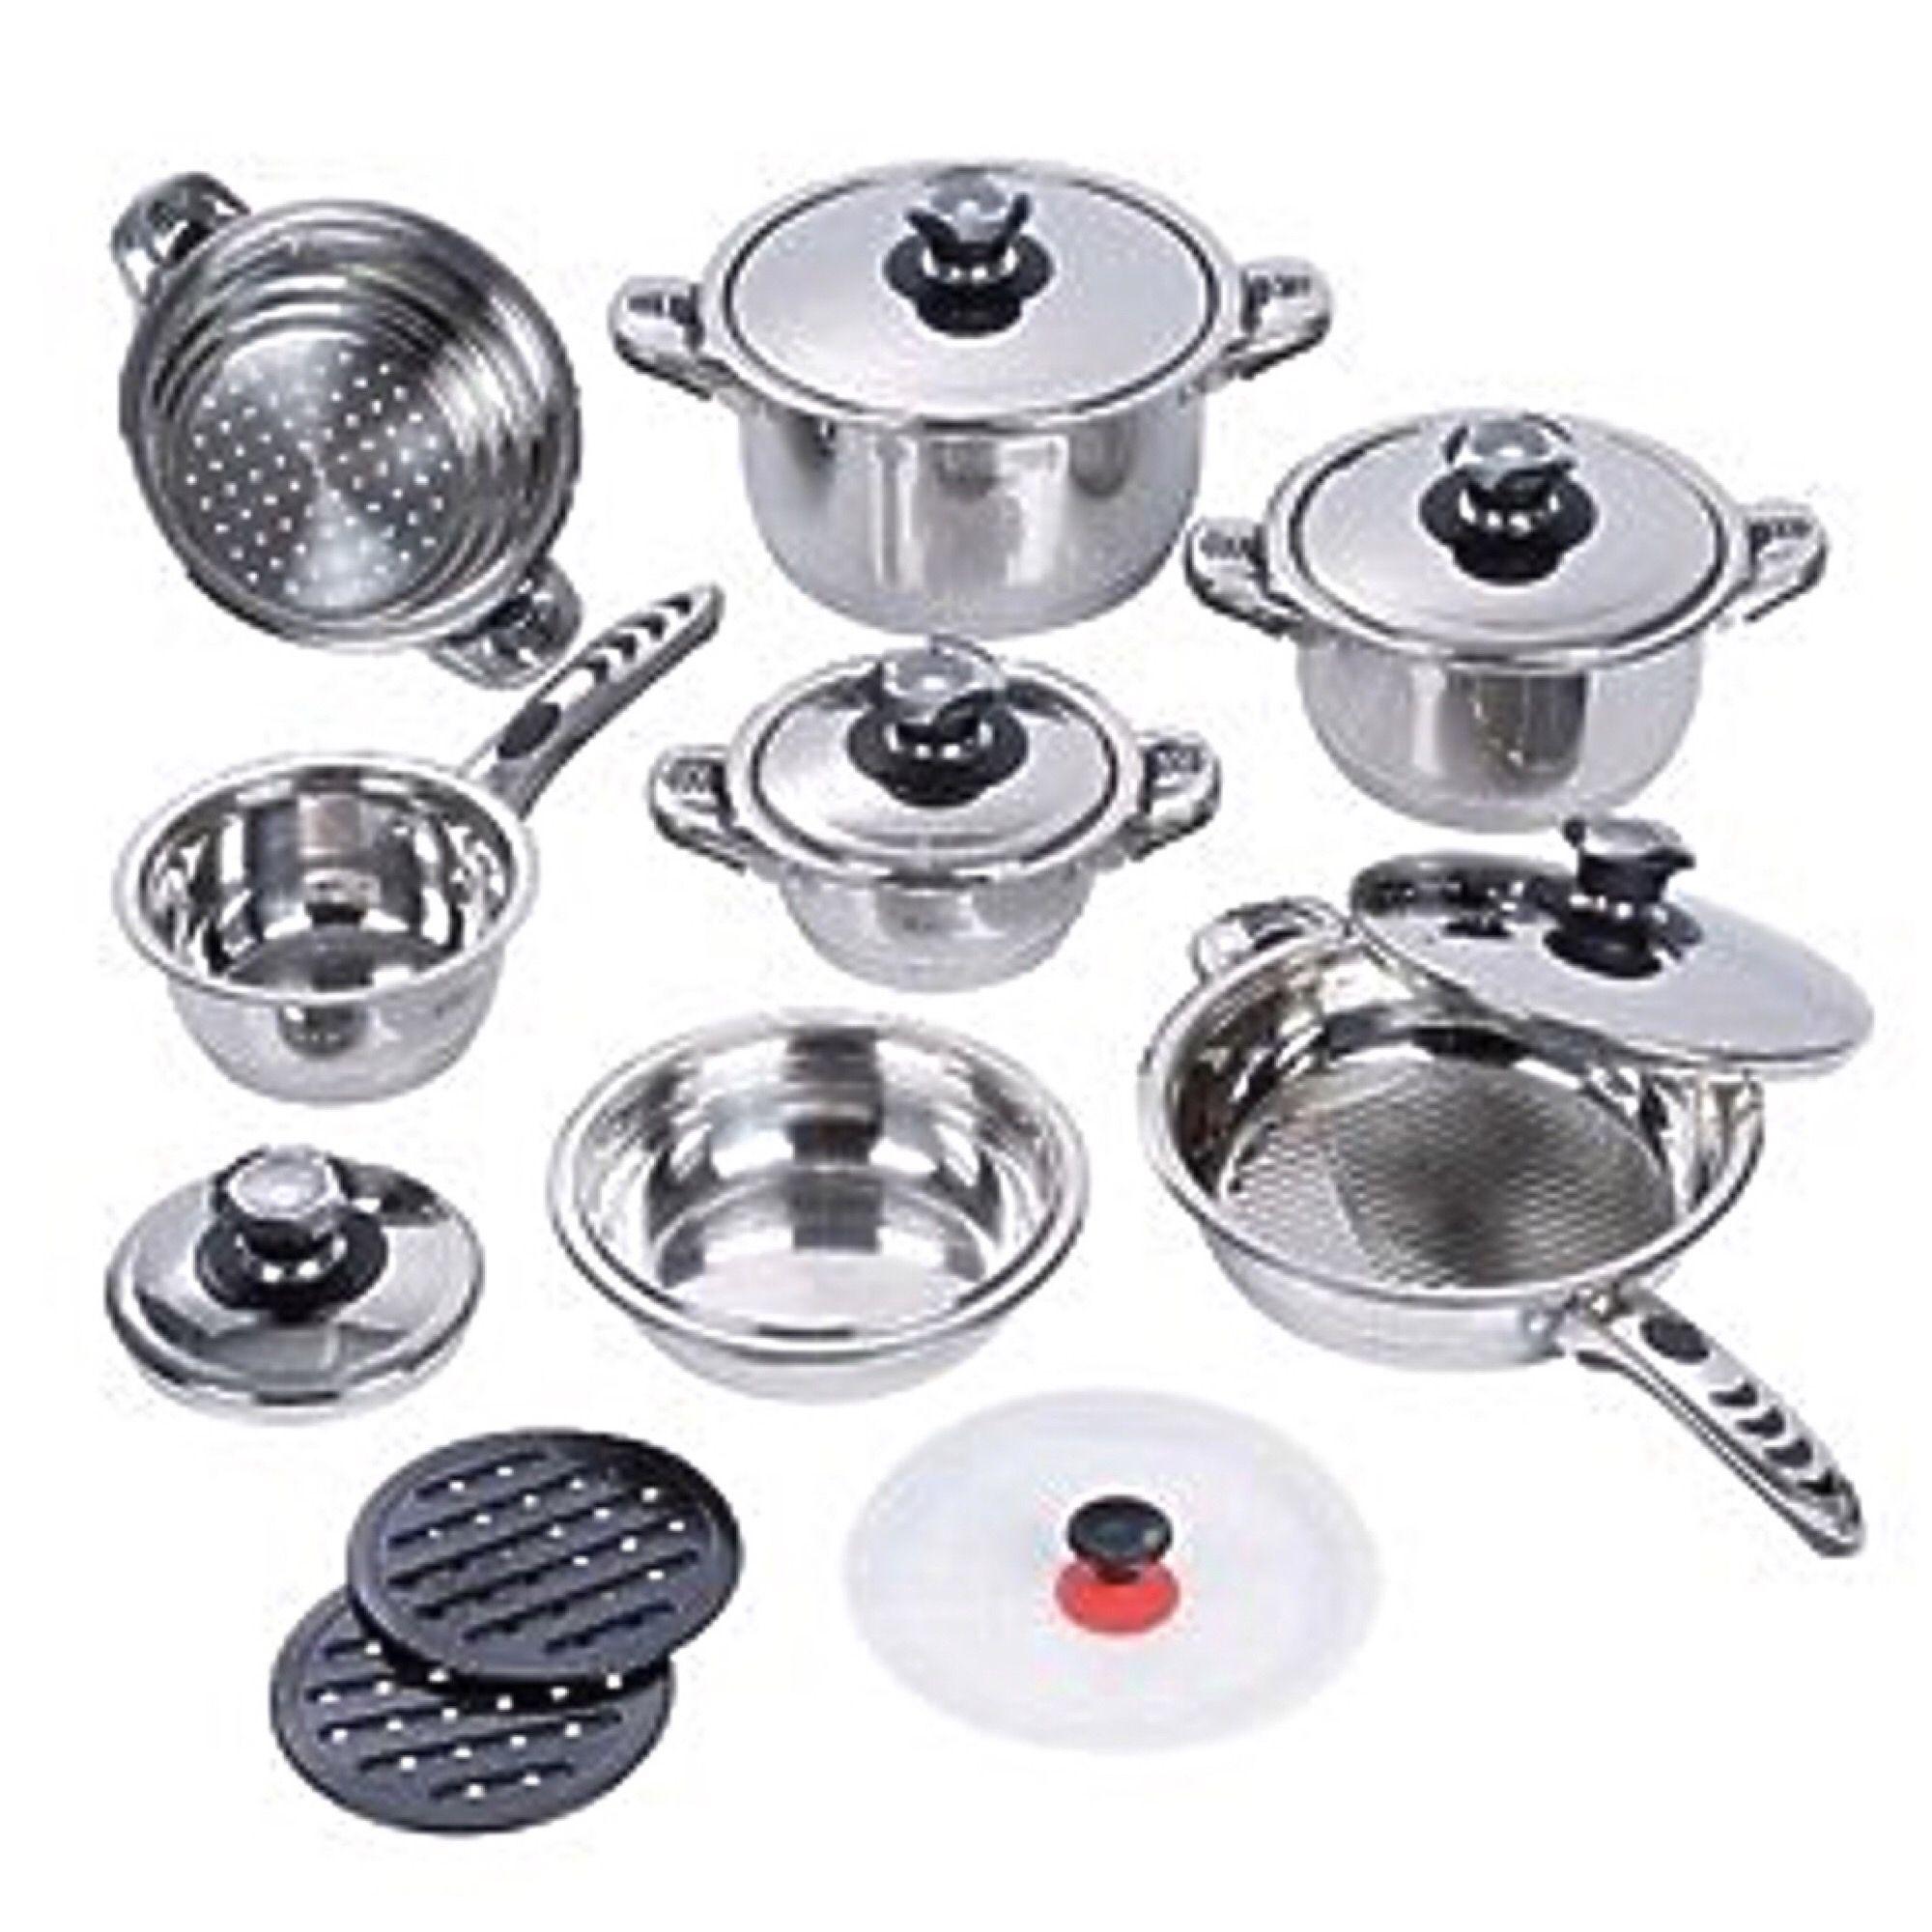 Neoflam Ceramic Cookware Set 10 Pcs Pink Korean